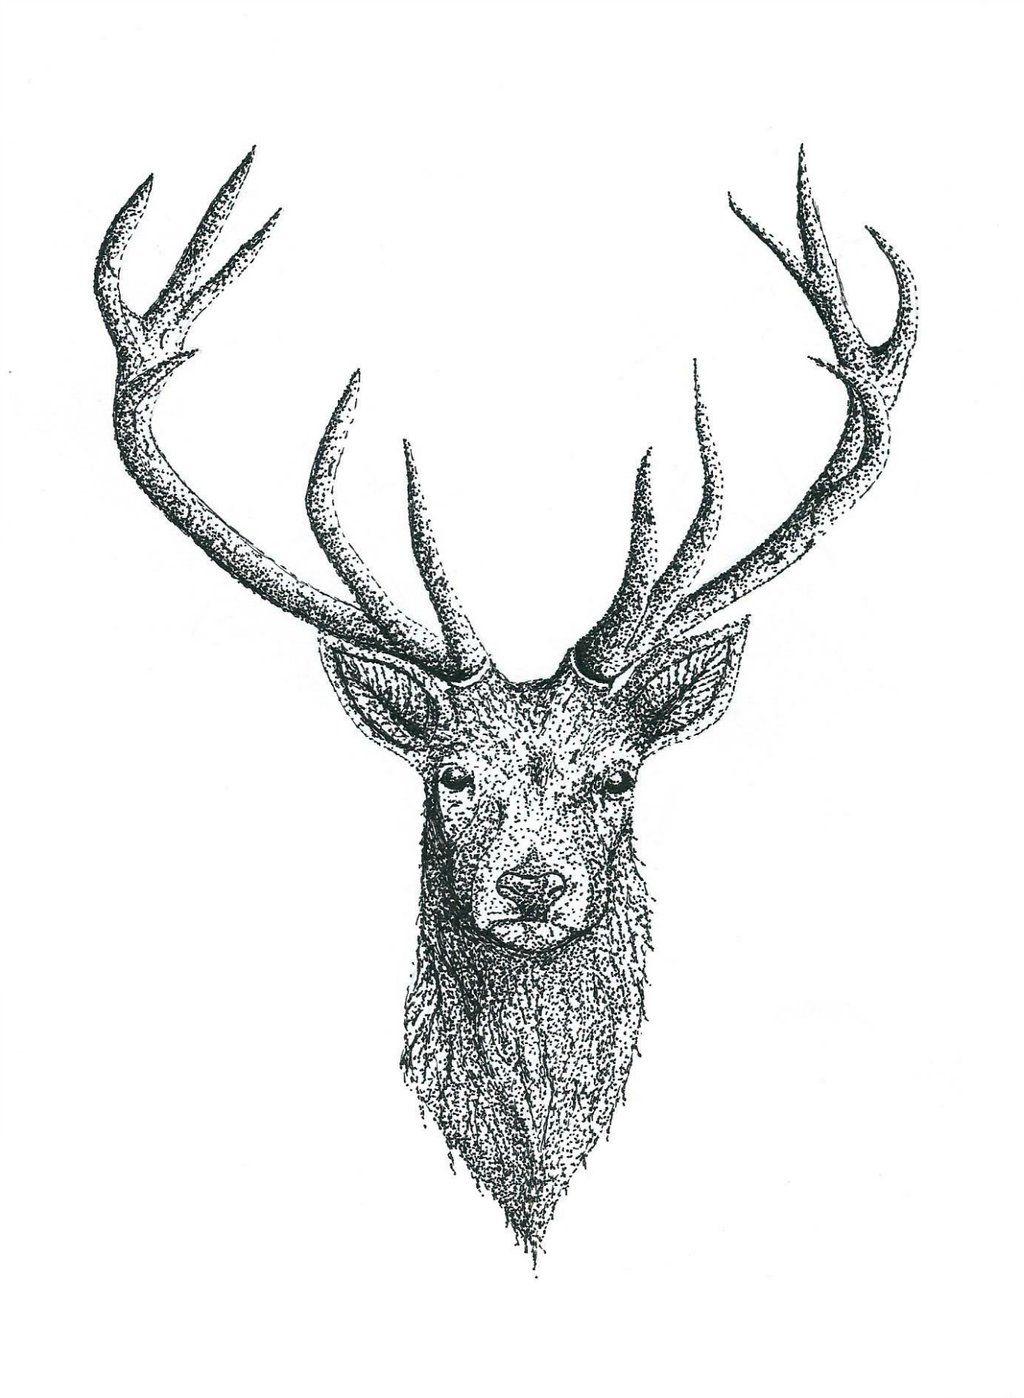 pin by ferdi tayda on d vme fikirleri pinterest tattoo mens rh pinterest nz deer head tattoo with cherry blossom horns deer head tattoo